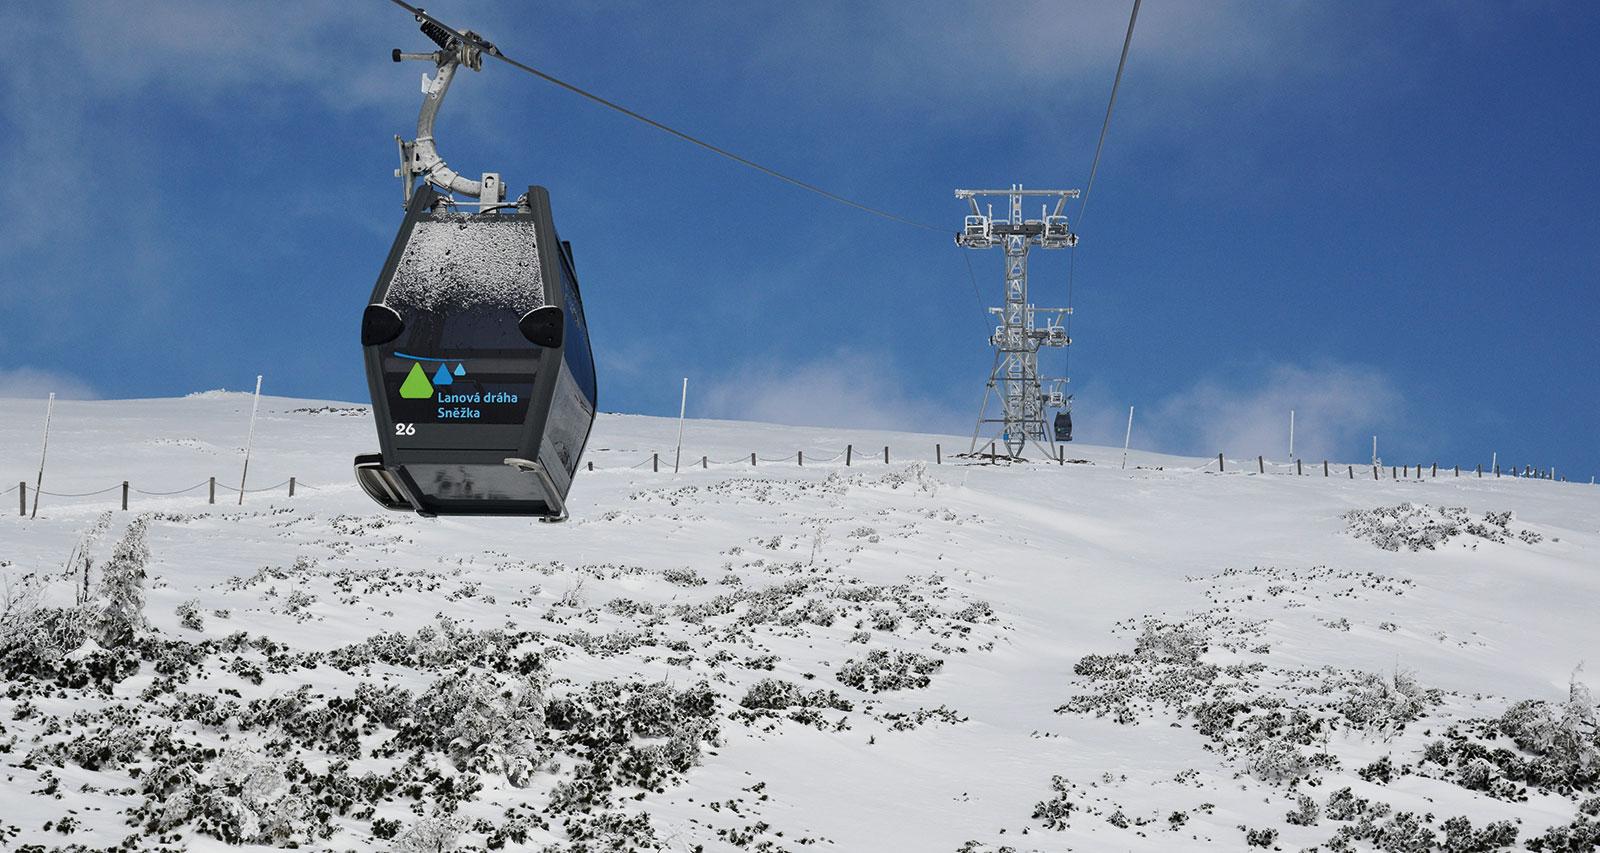 Lanová dráha Sněžka